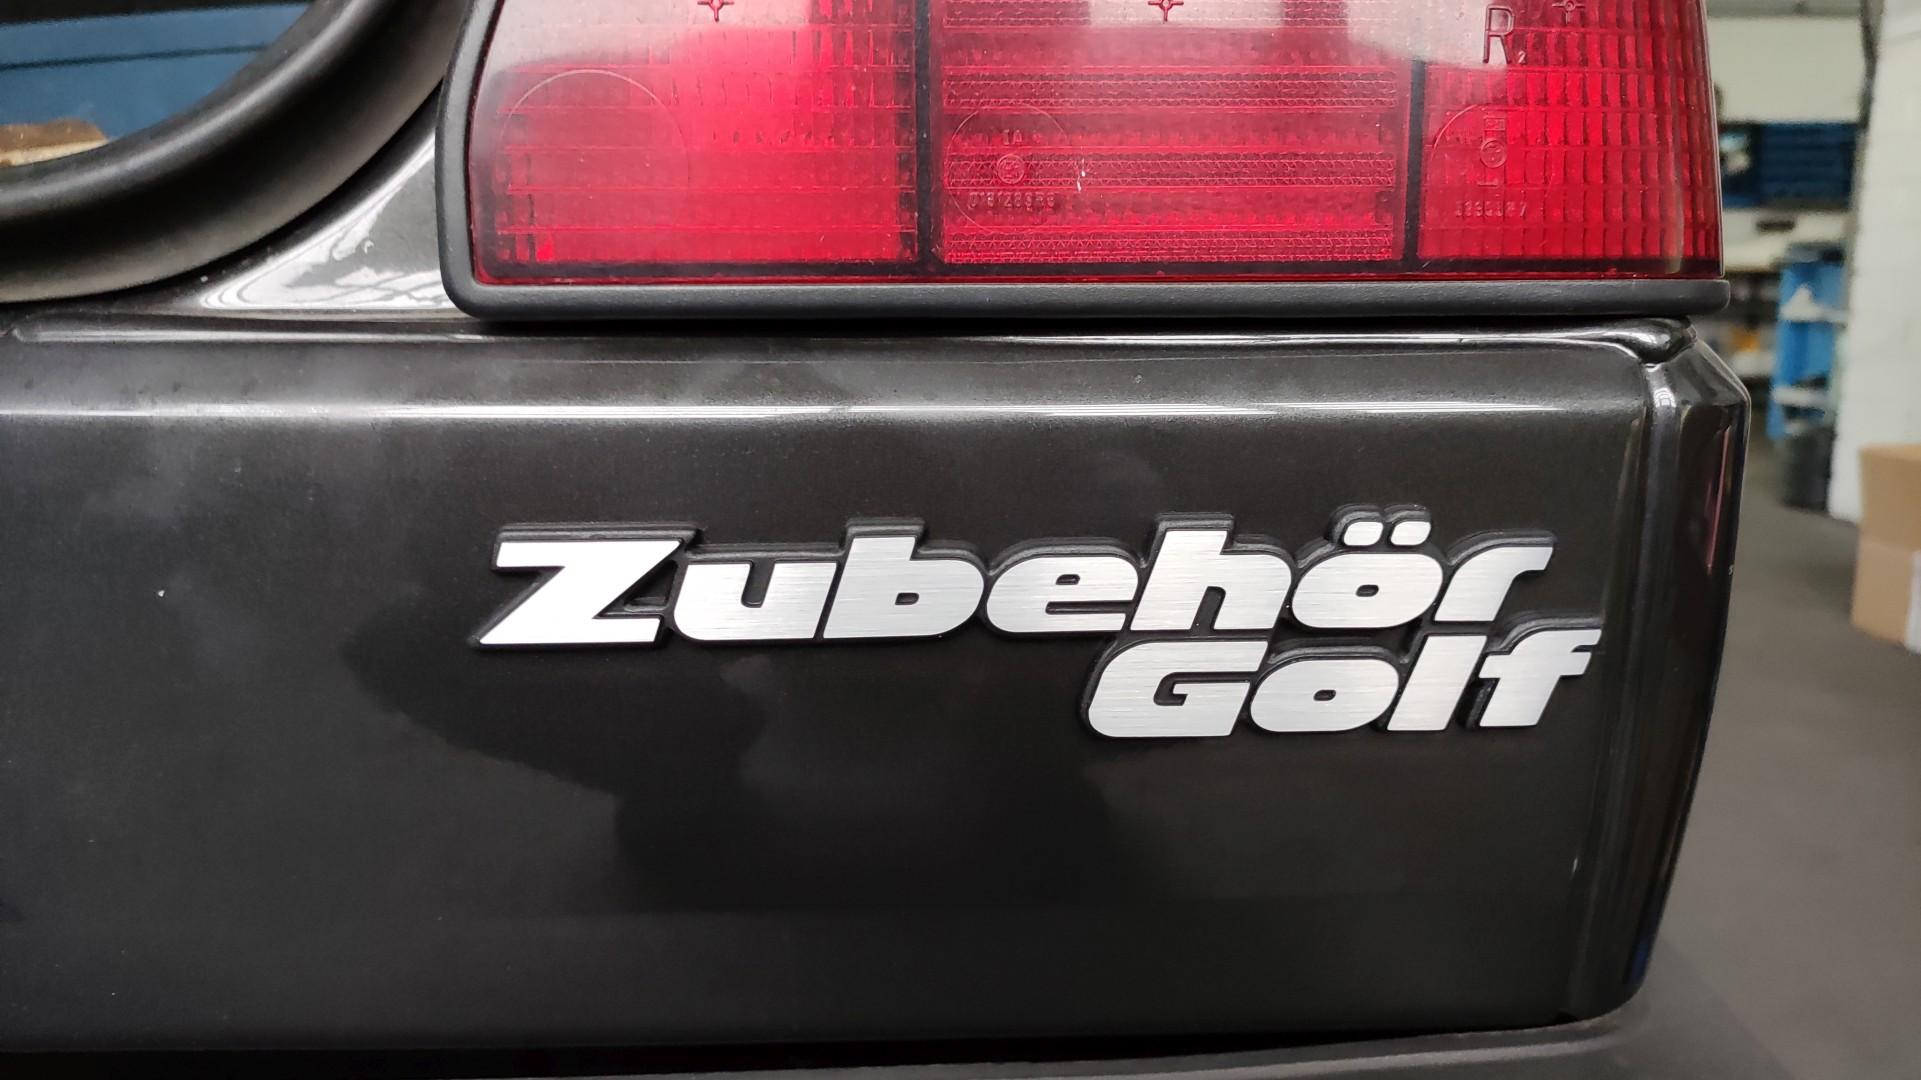 Zubehoer_Golf_2021-01-A05.jpg